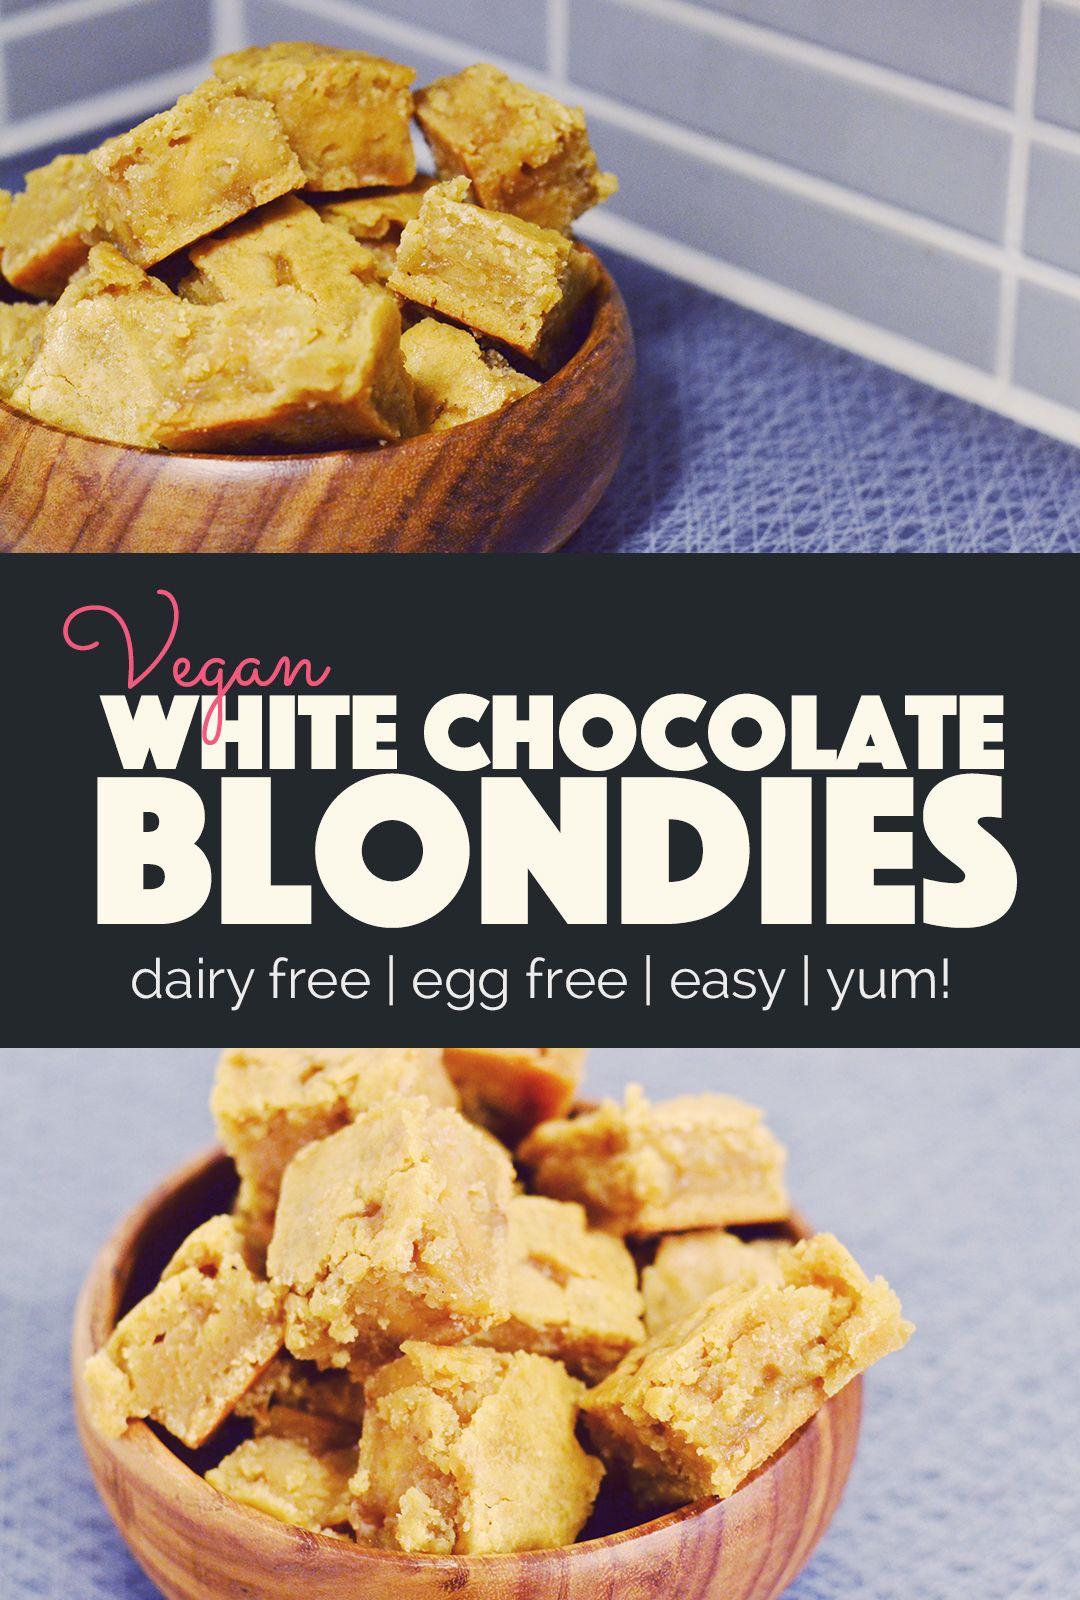 Vegan White Chocolate Blondies Banana Bloom Chocolate Blondies Vegan White Chocolate White Chocolate Blondies